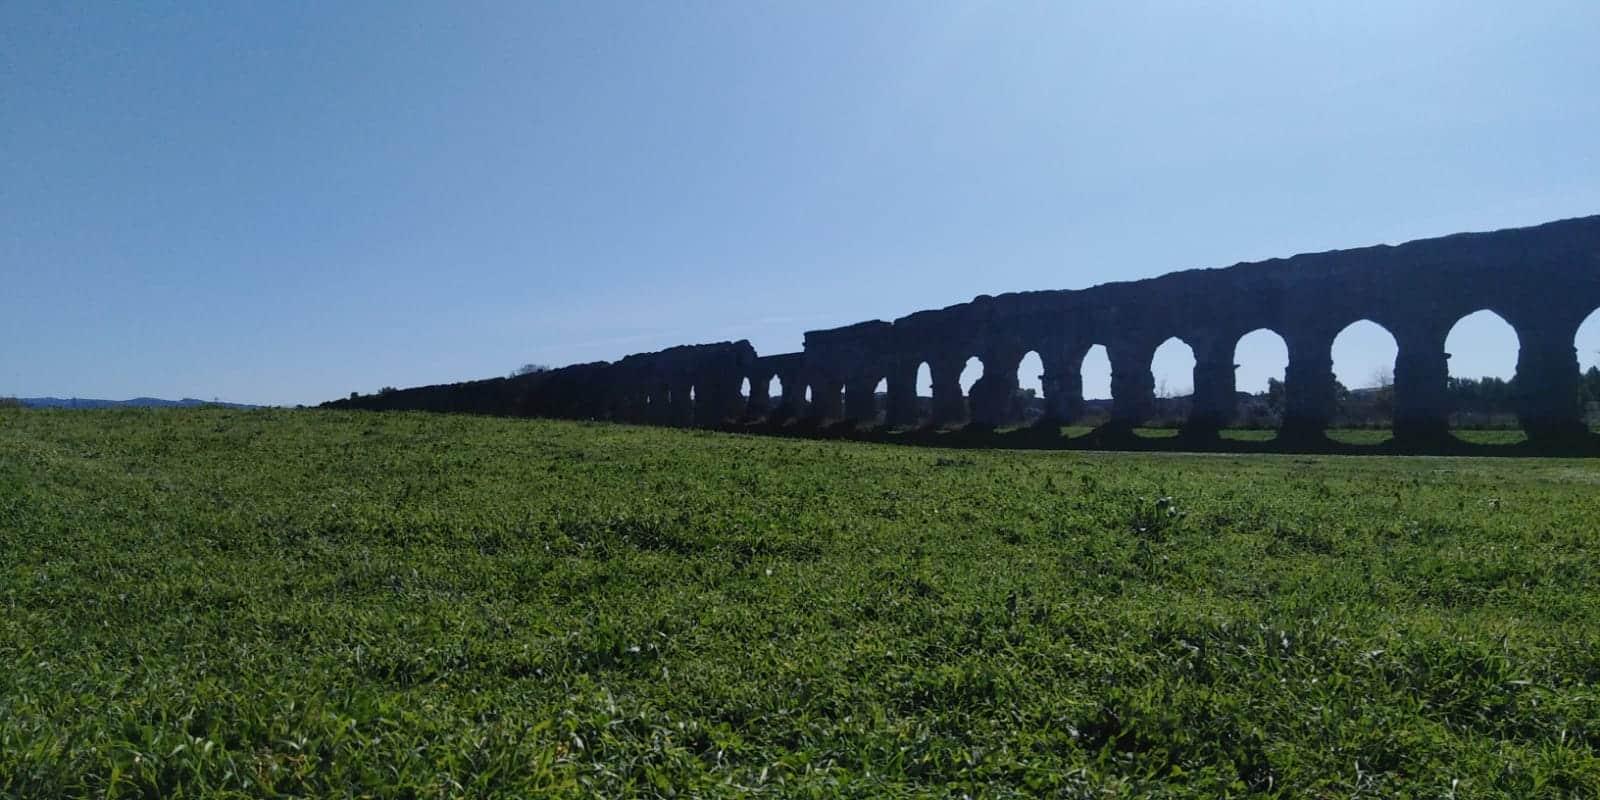 parque caffarella roma acueducto roma